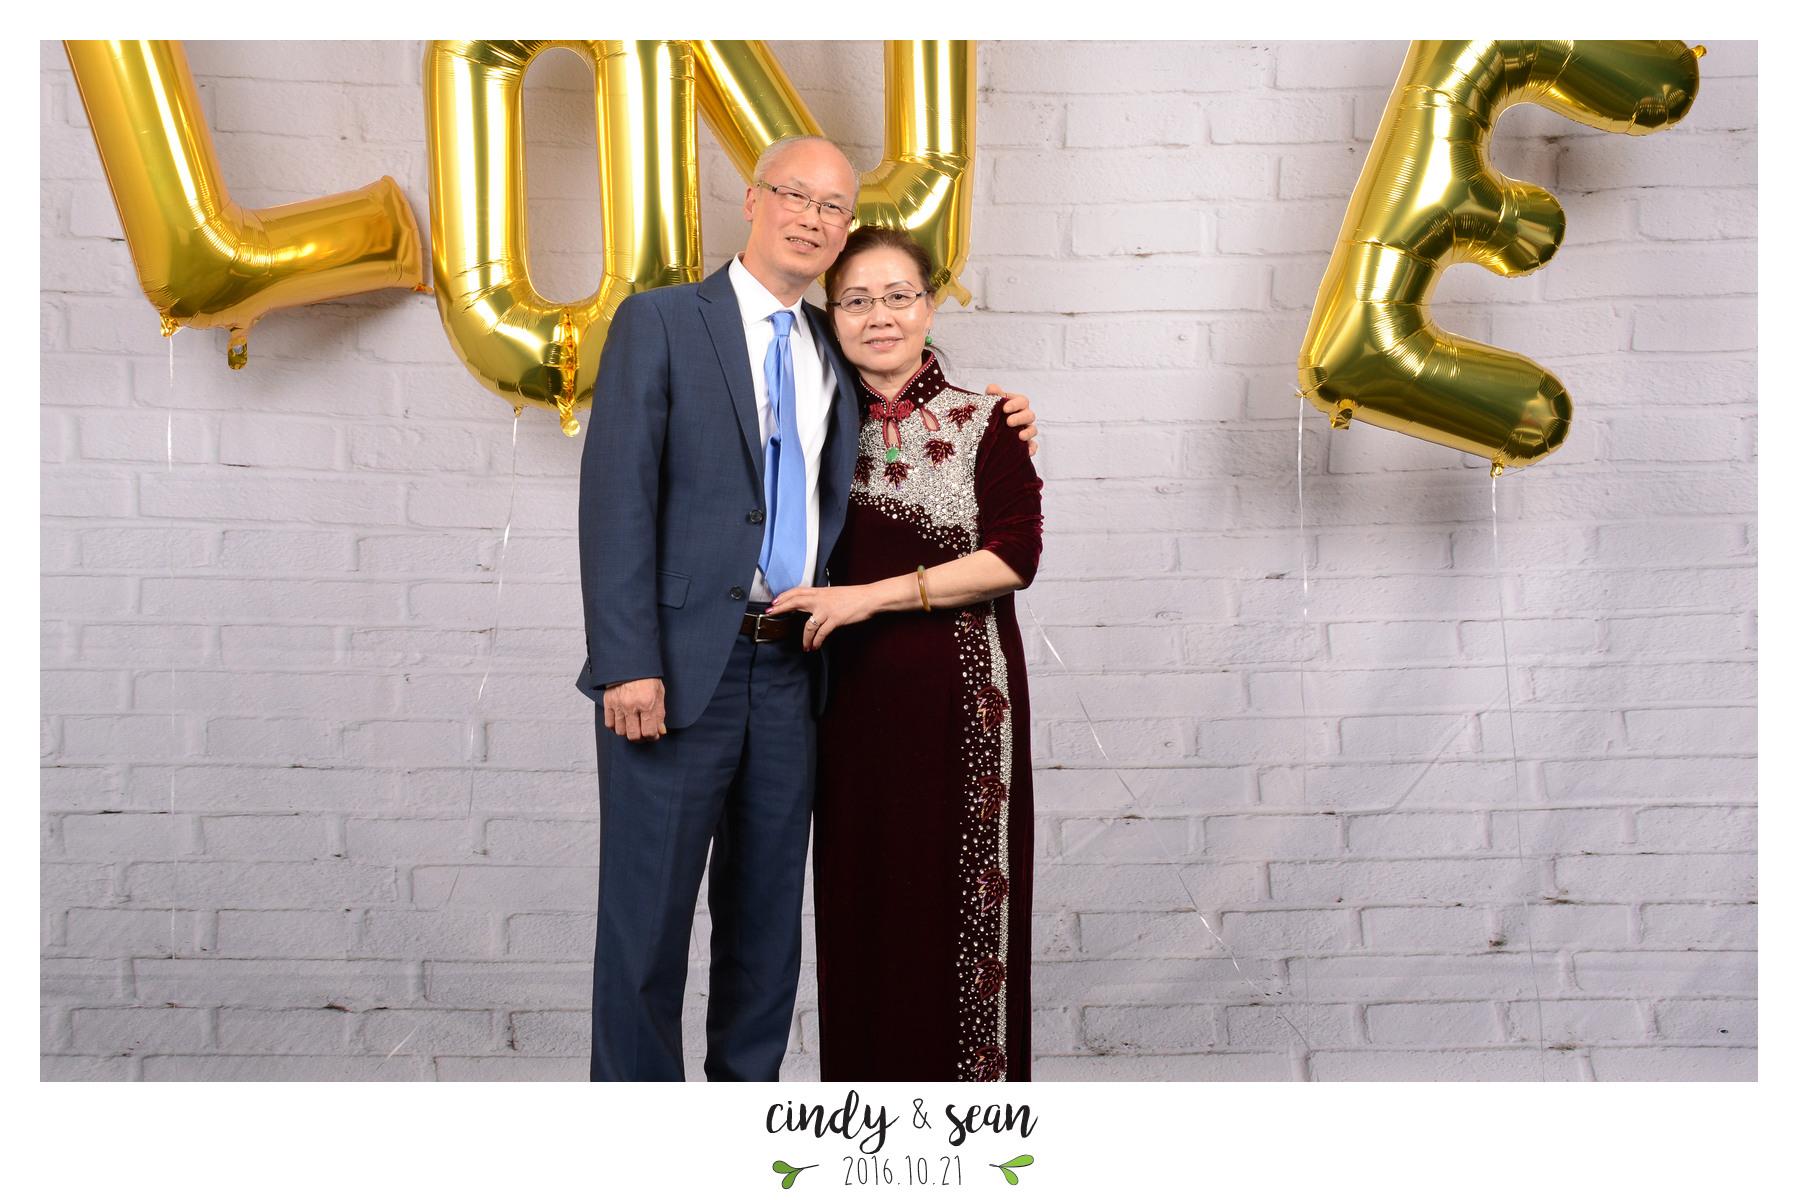 Cindy Sean Bae - 0001-112.jpg